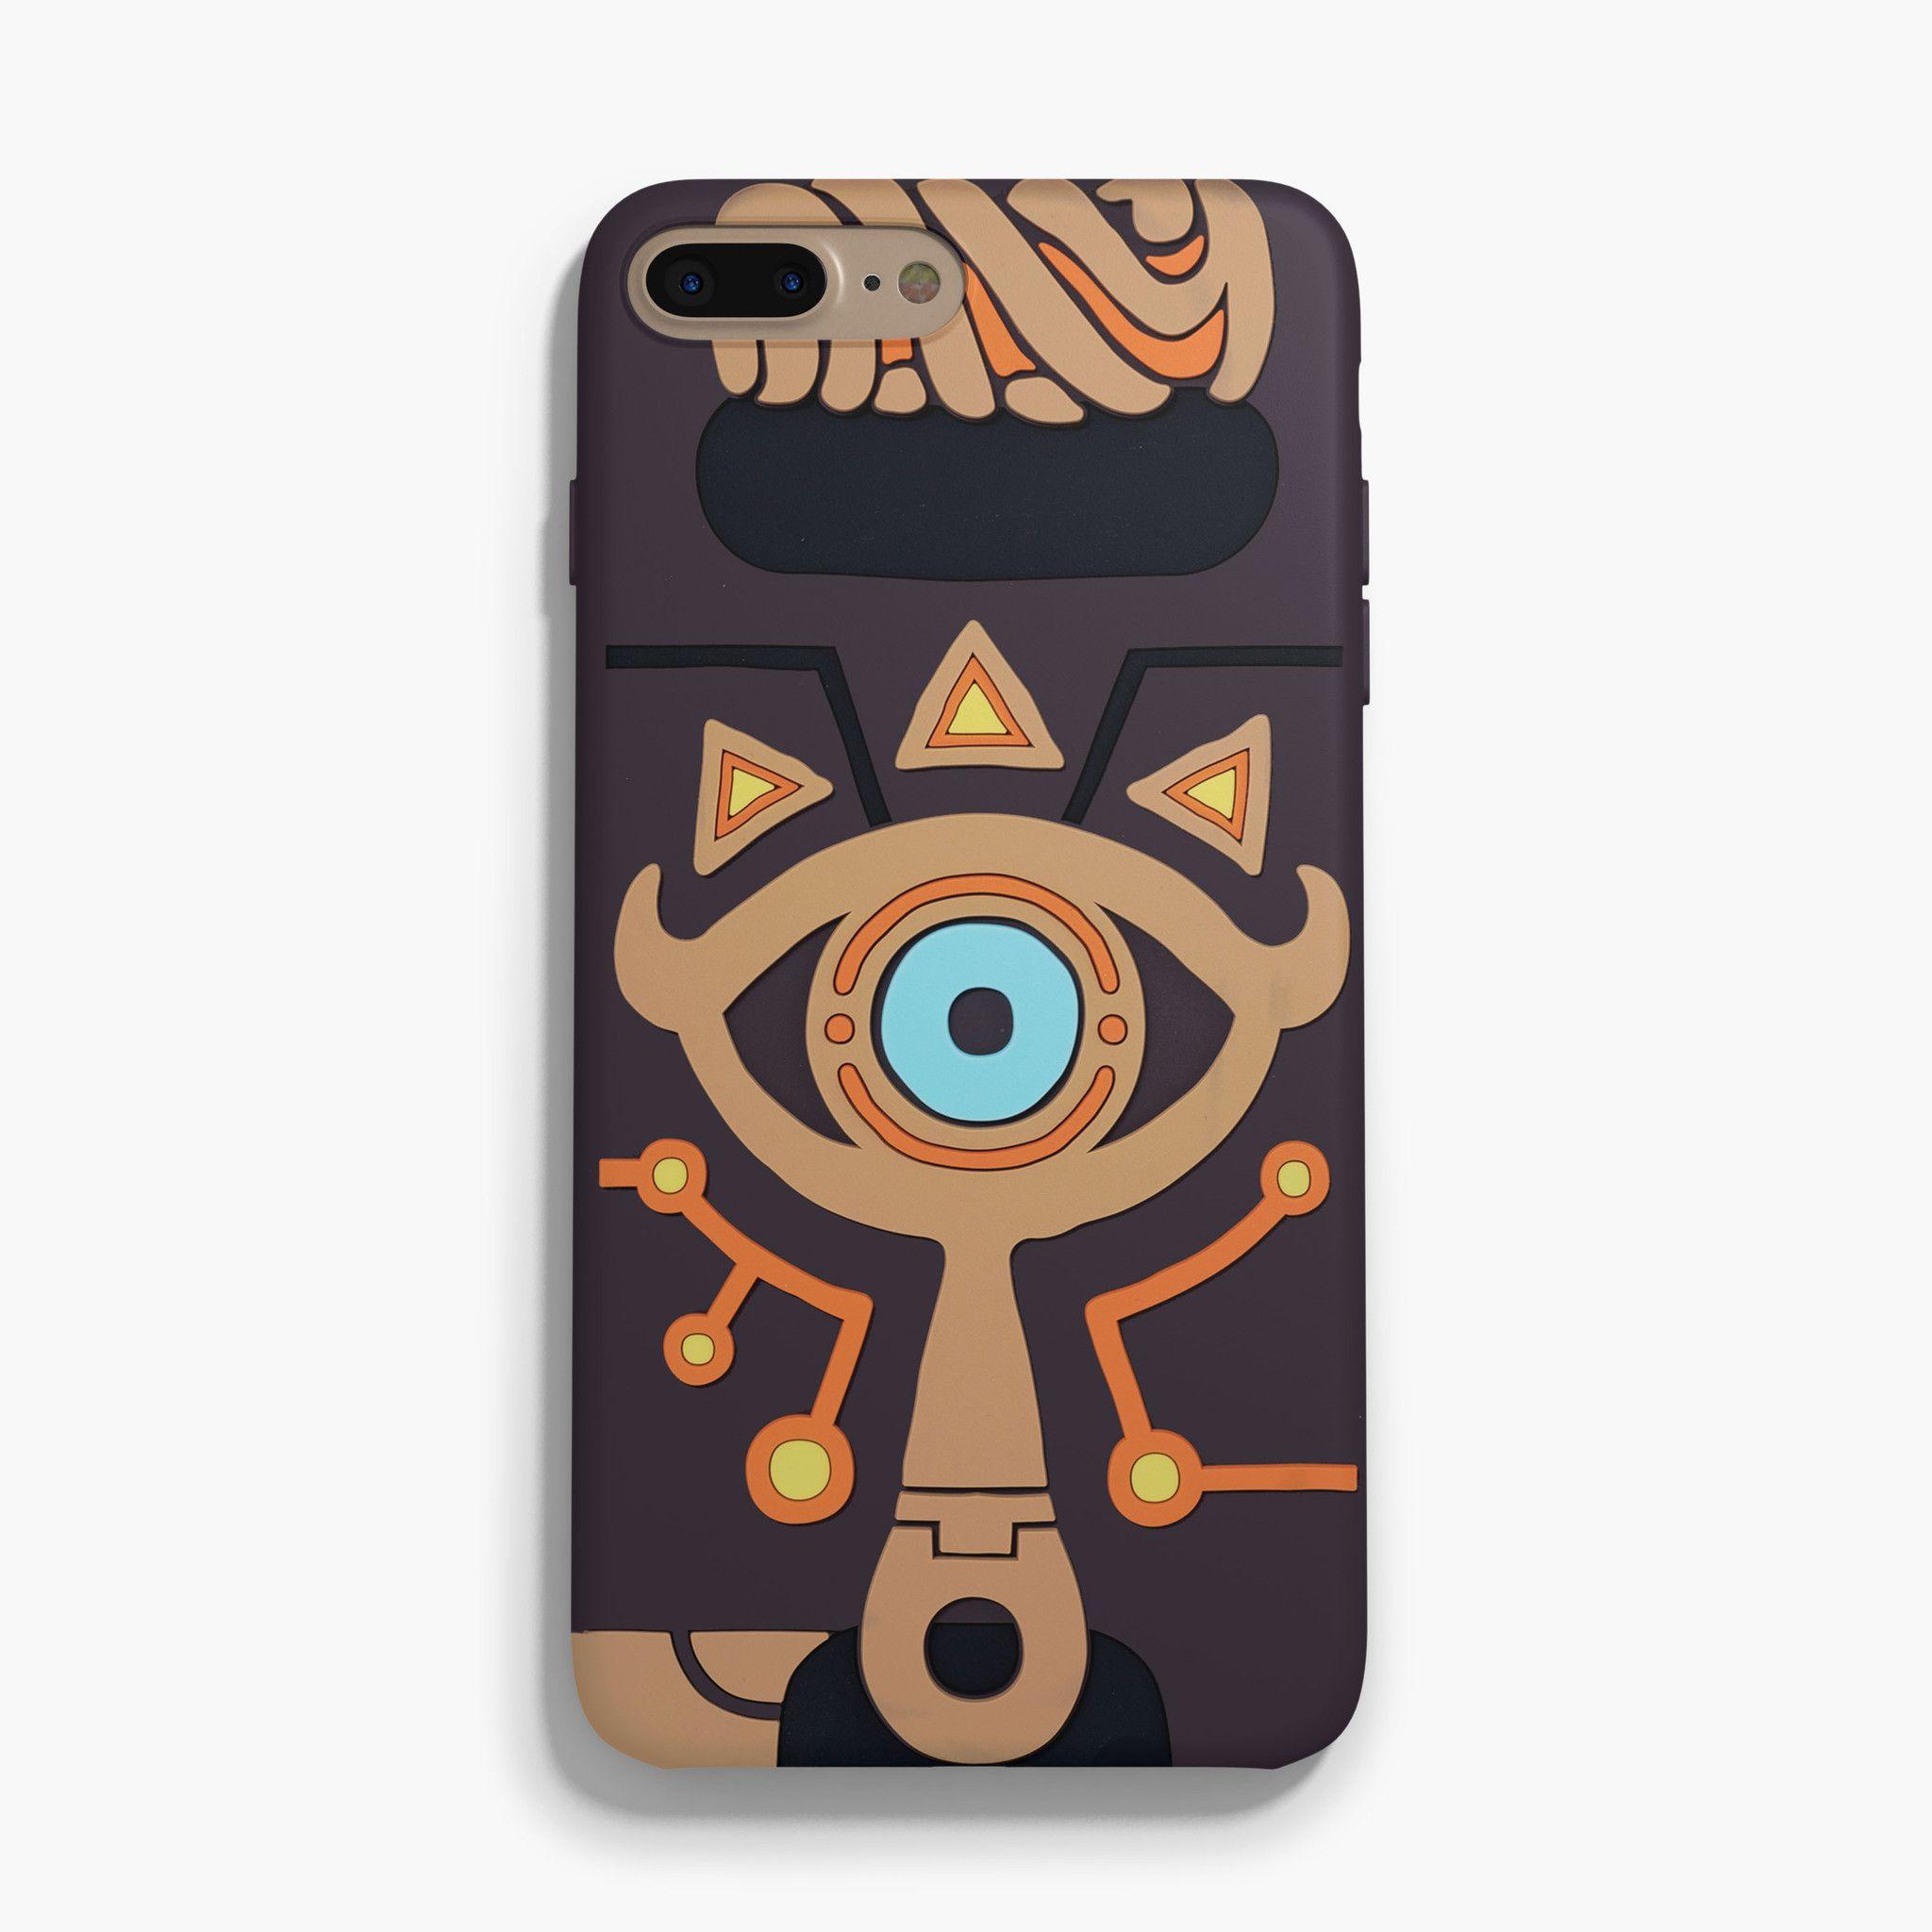 Sheikah Slate Iph Http Www Casesity Com Products Sheikah Slate Iphone 7 Case Utm Campaign Social Autopilot Utm Source P Case Legend Of Zelda Clear Cases